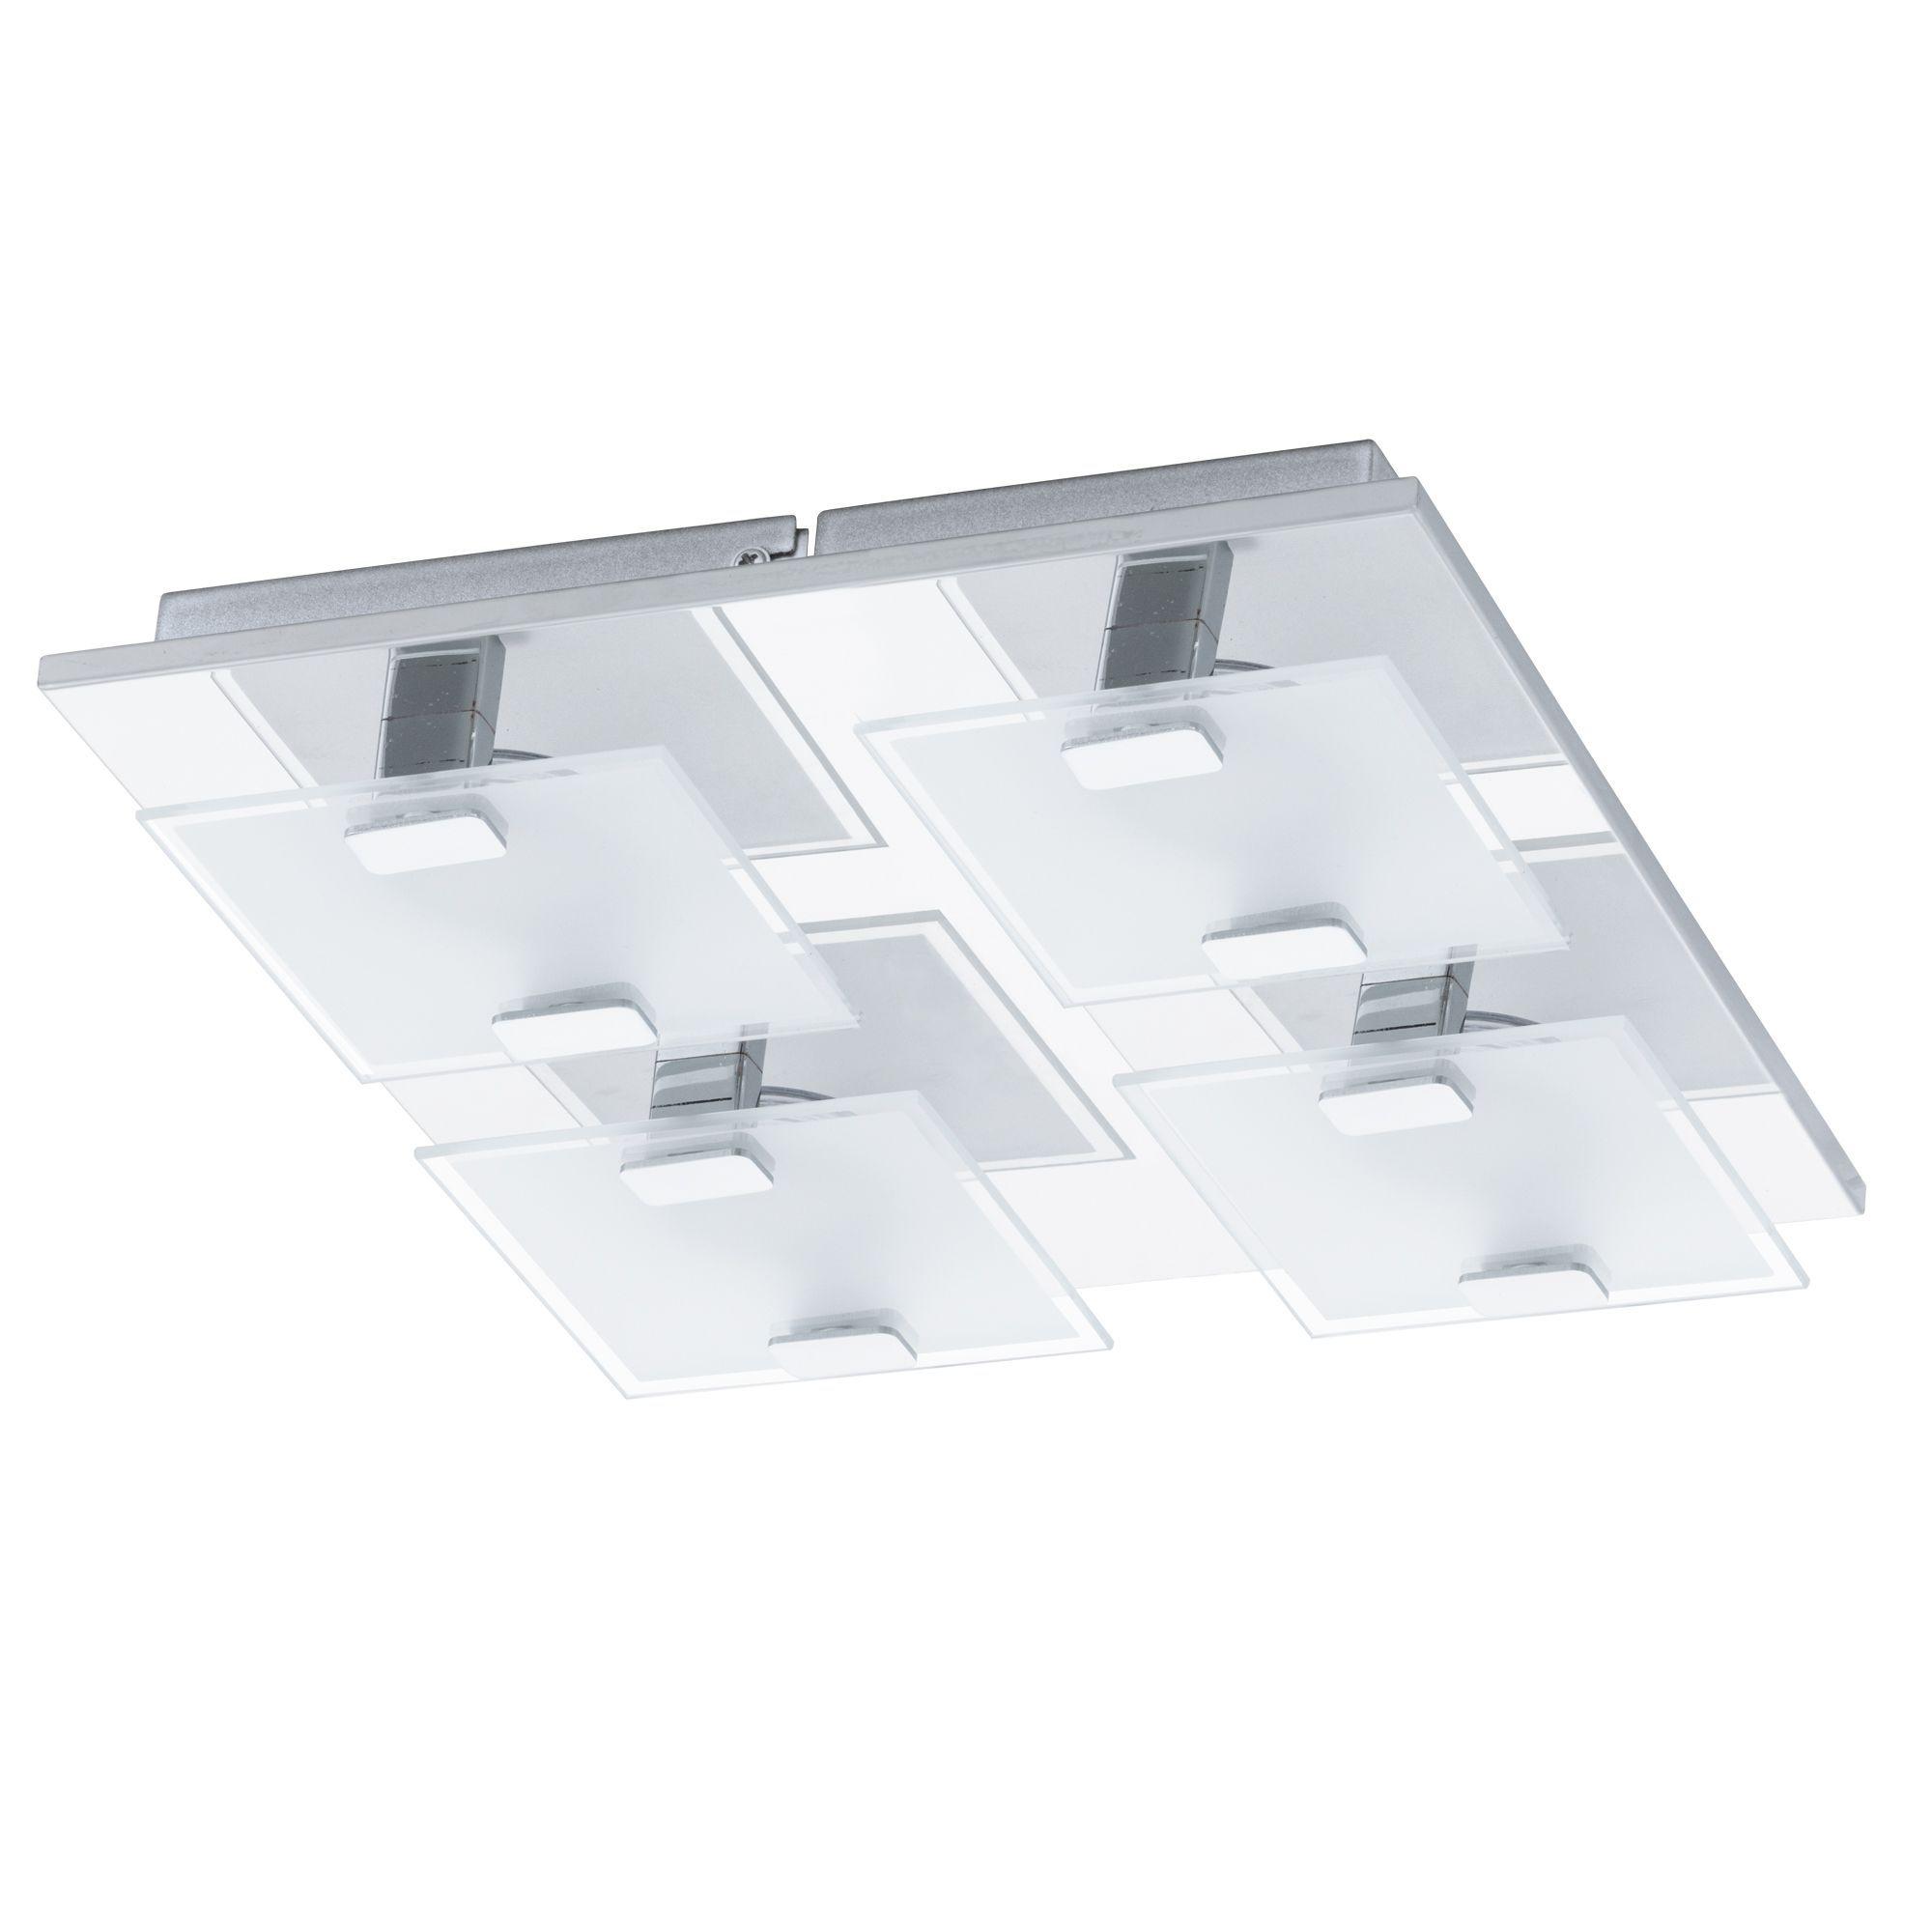 Plafonnier 4 lumières LED ACIER/CHROME L27cm Chrome - Vicaro - Les plafonniers - Suspensions et plafonniers - Luminaires - Décoration d'intérieur - Alinéa